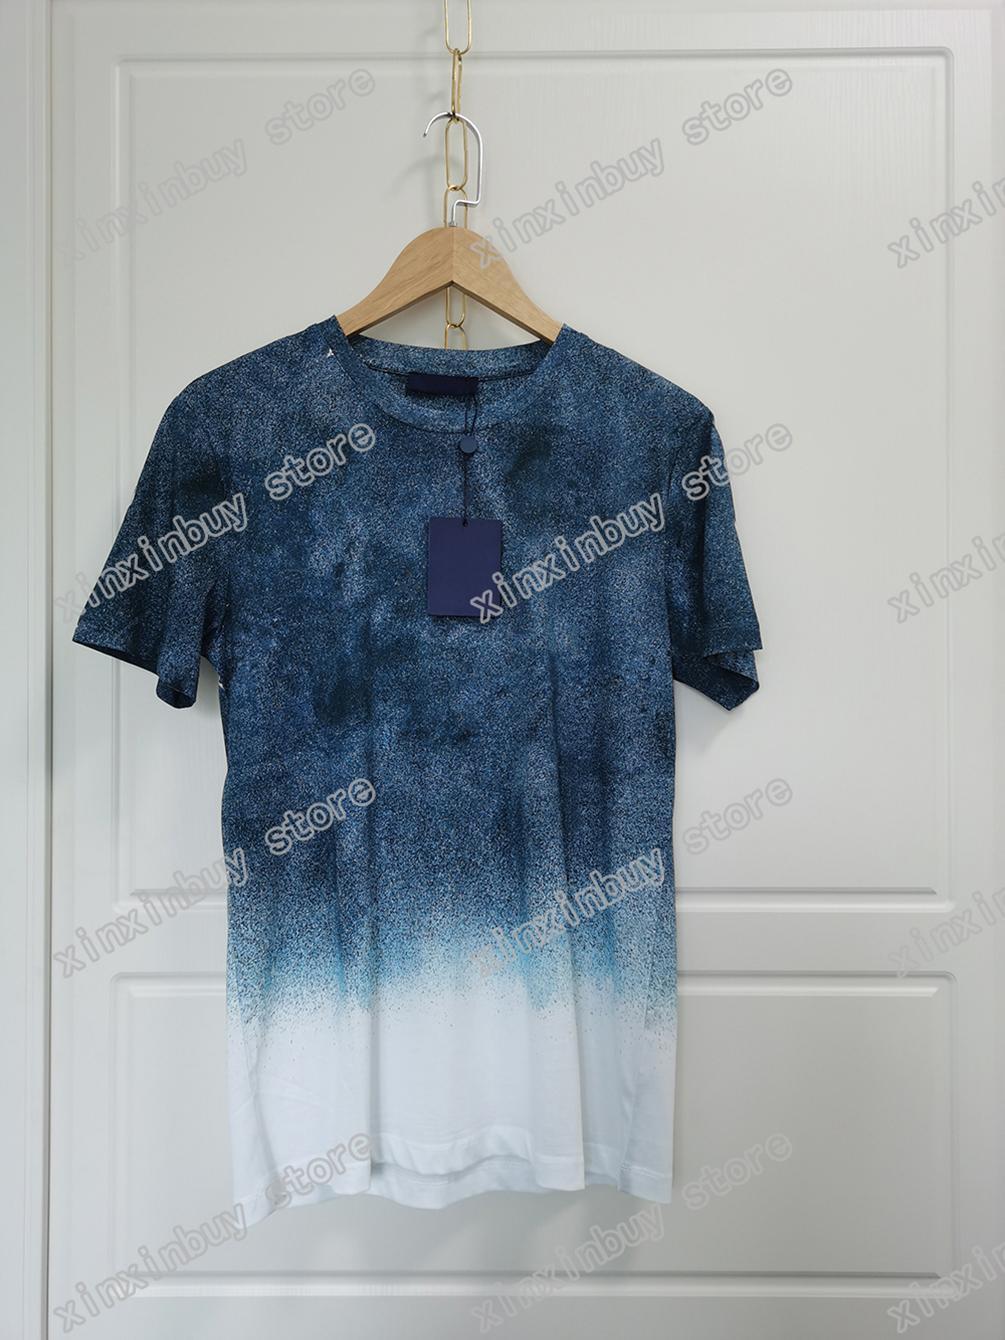 2021 Yeni Gelenler Erkek T Shirt Tee Paris Tik Tok Yıldızlı Gökyüzü Degrade Totem Tasarımcı Baskı Giysi Kısa Kollu Erkekler Kadınlar Gerçek